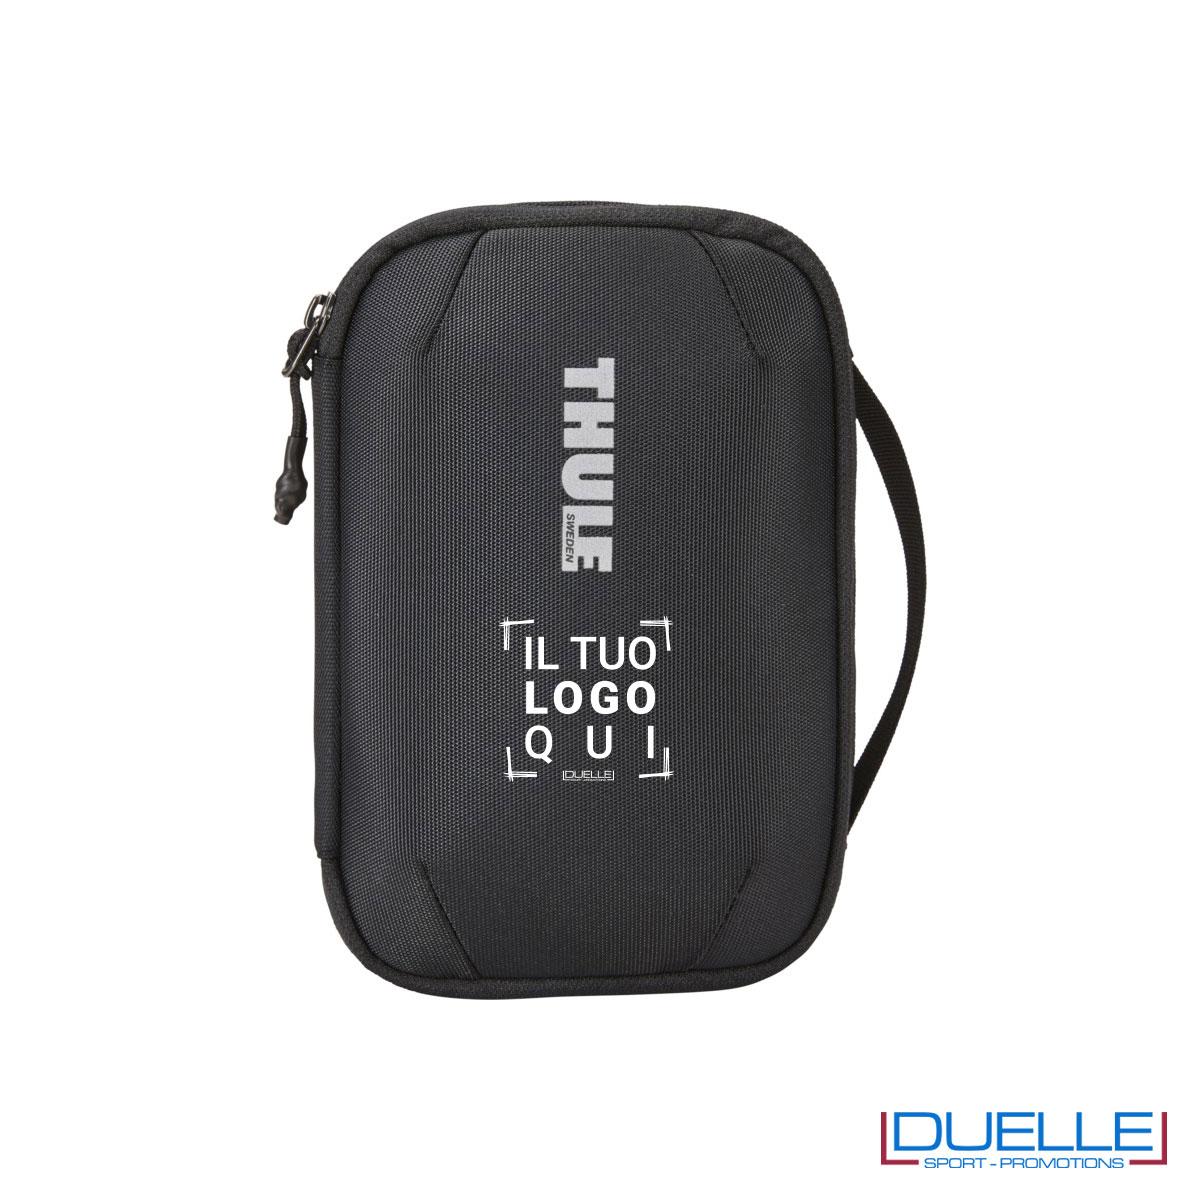 Porta accessori Thule personalizzabile con il tuo logo